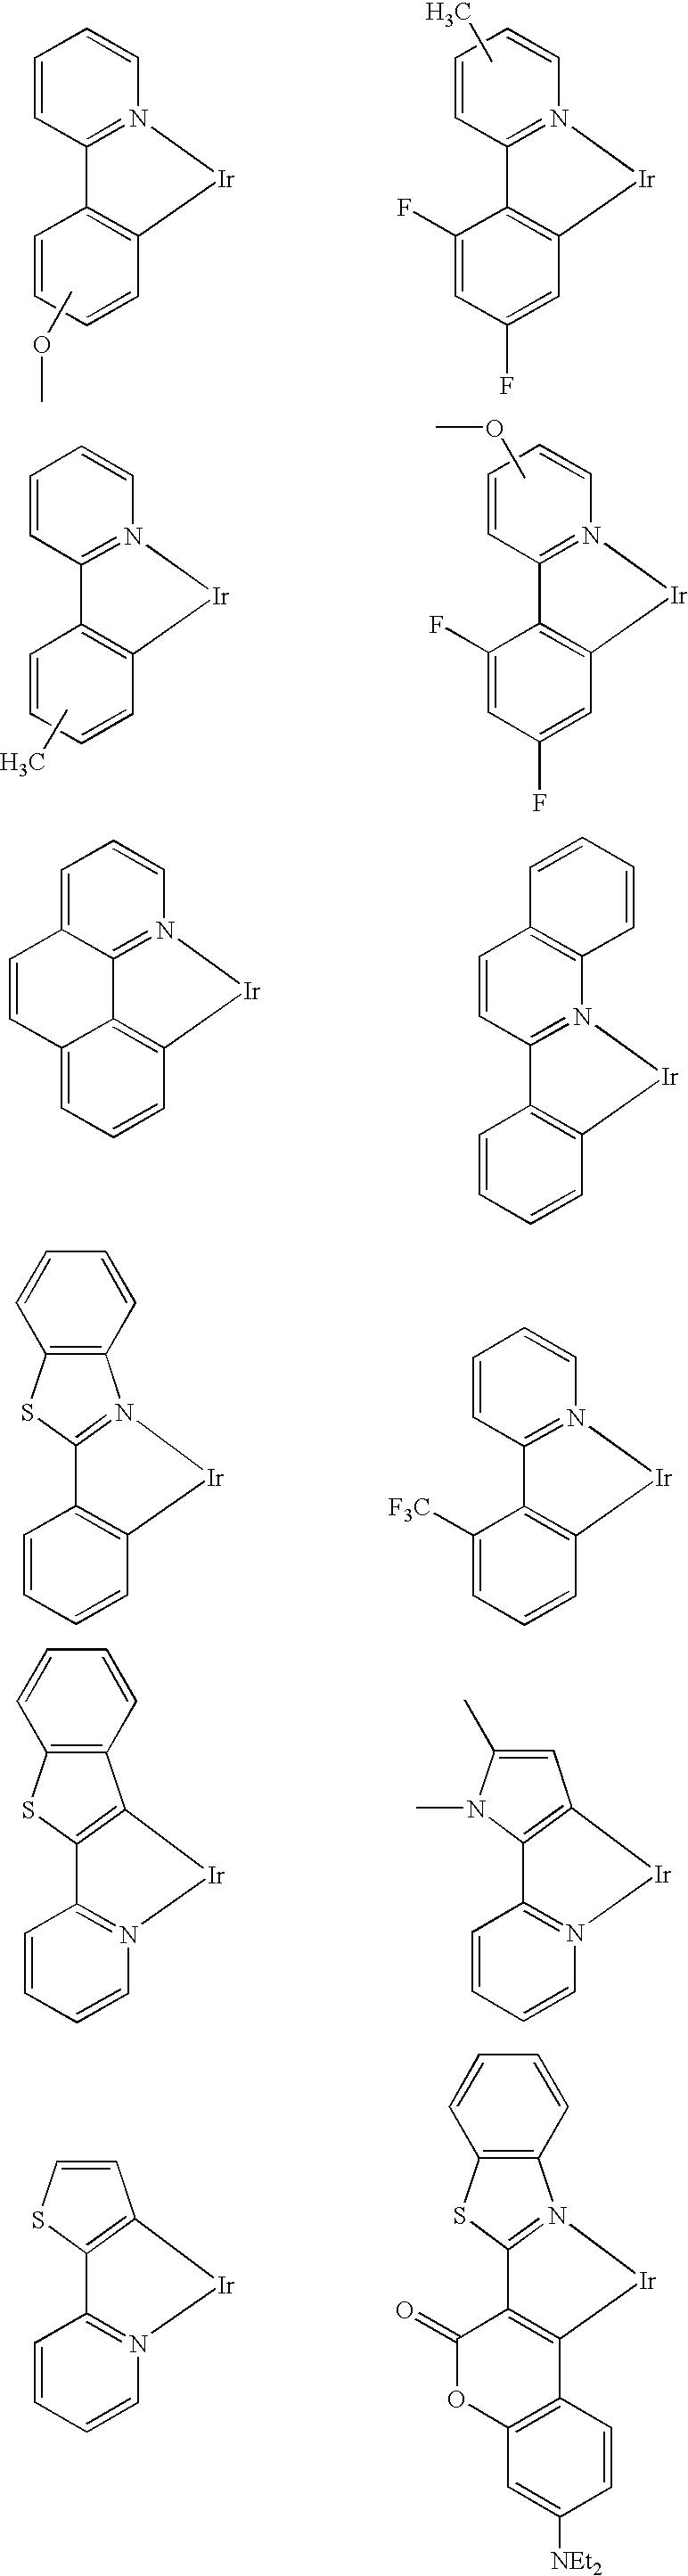 Figure US20040260047A1-20041223-C00008